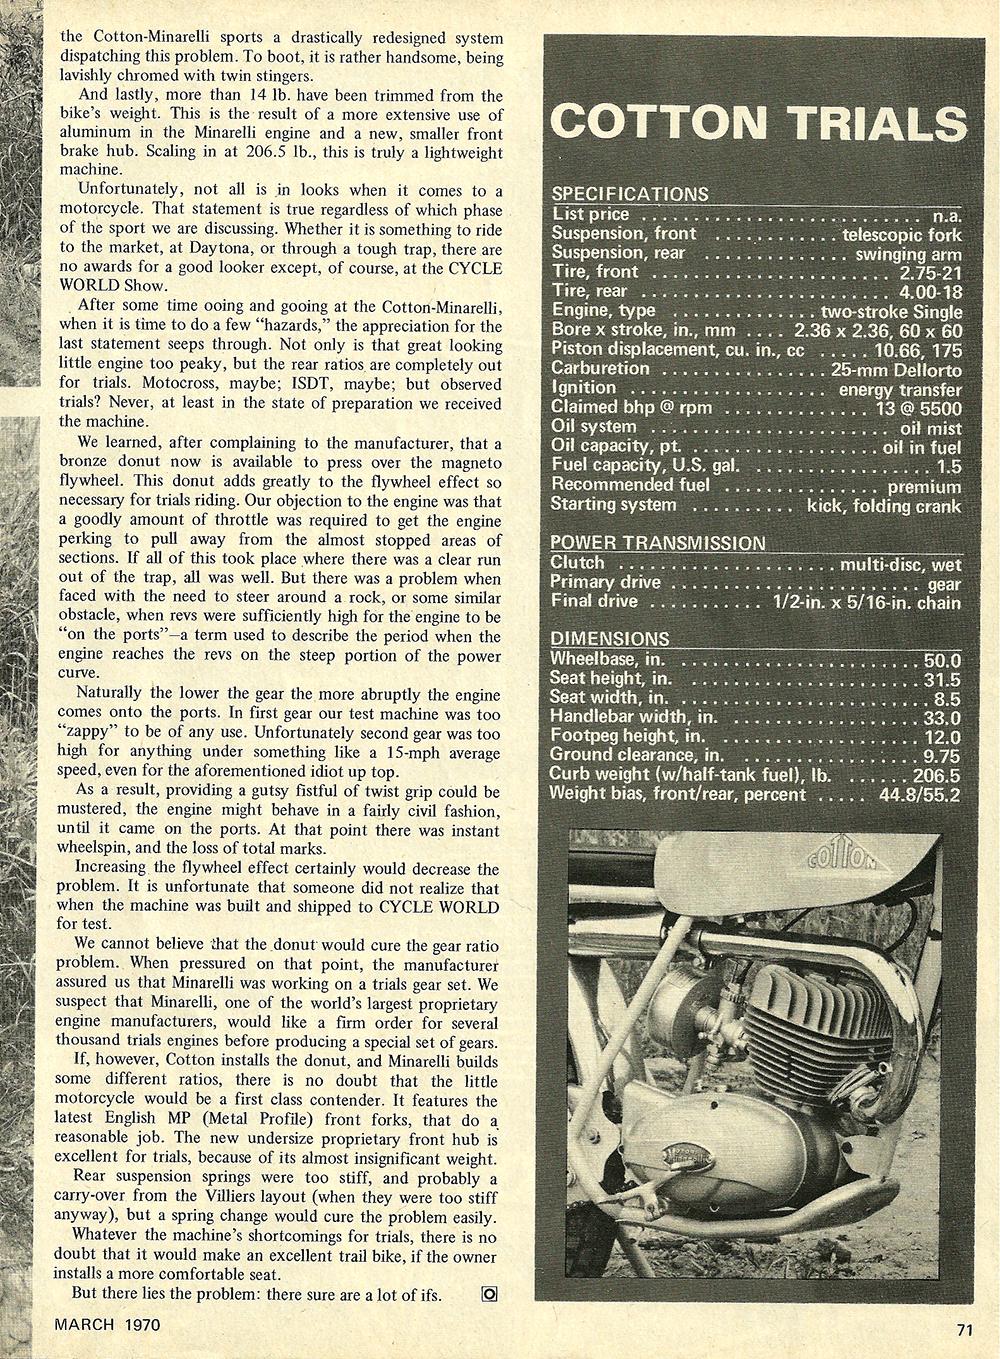 1970 Cotton Trials road test 2.jpg